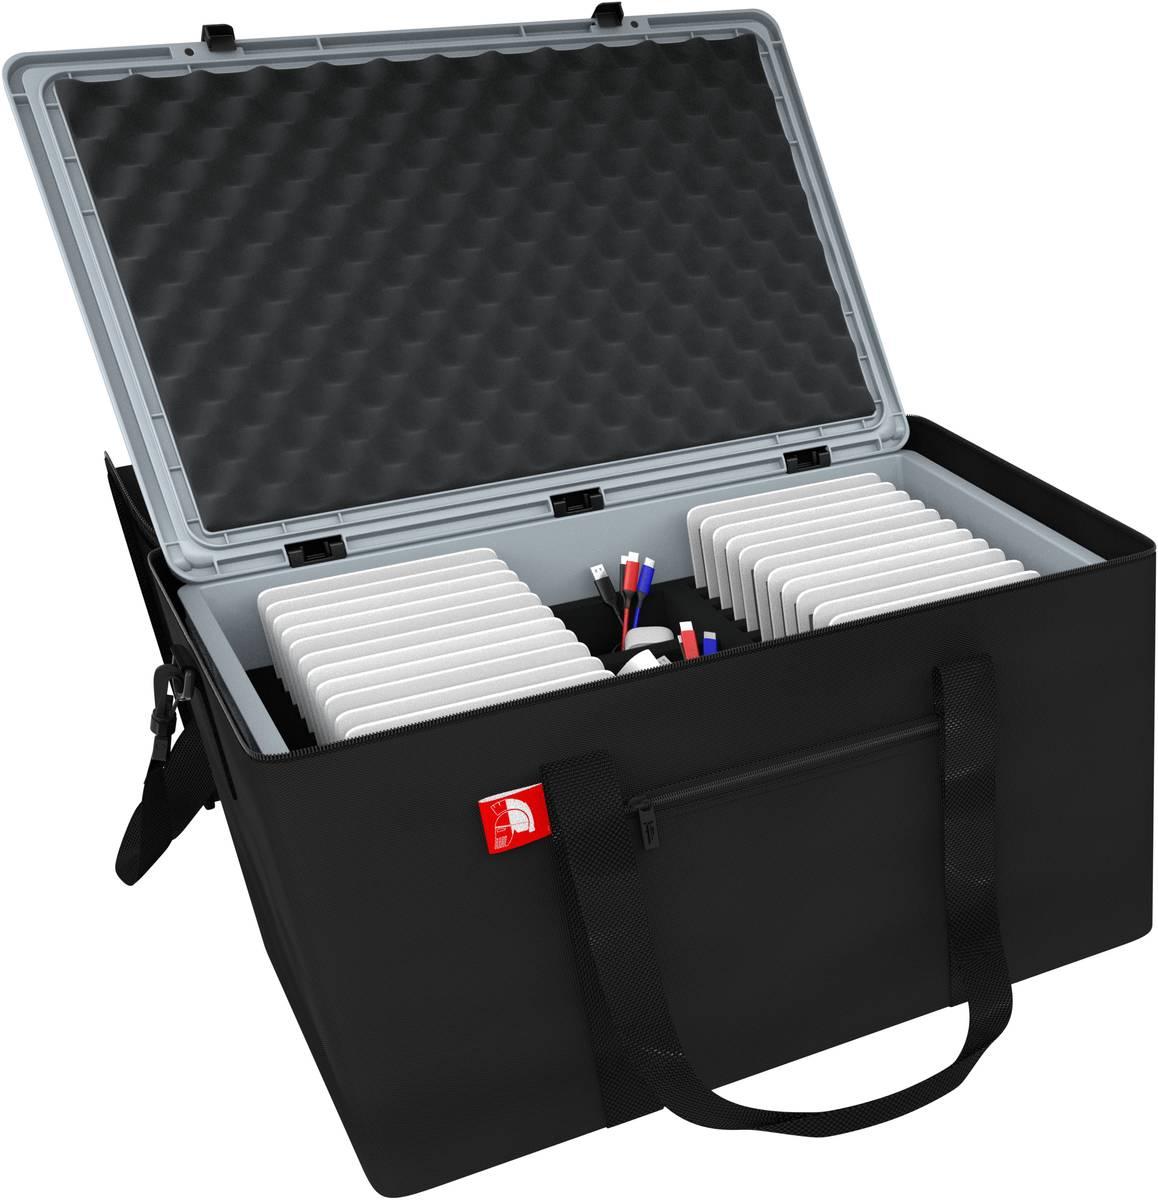 Tasche mit Box für 24 Tablets - kompatibel mit Apple iPad, Samsung und Microsoft Surface Go